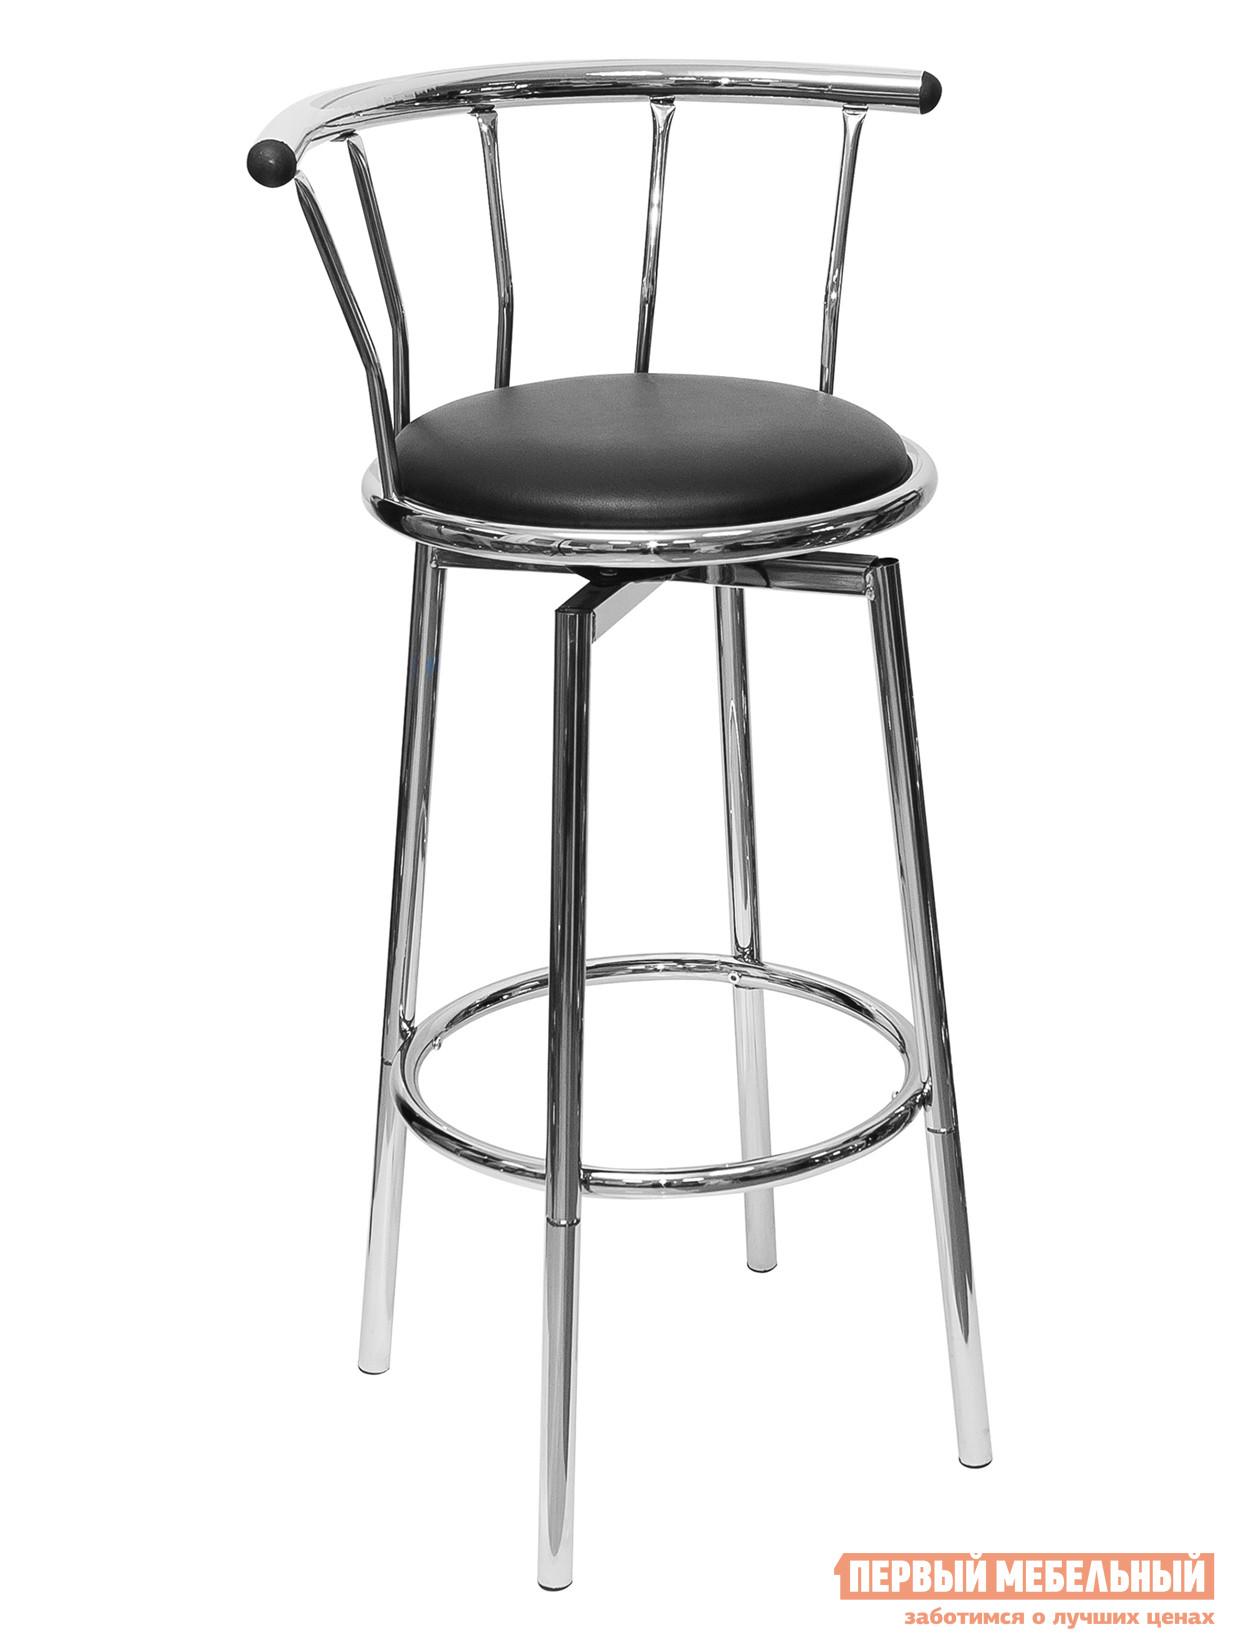 Купить со скидкой Барный стул STOOL GROUP Джин Хром Черный / Хром